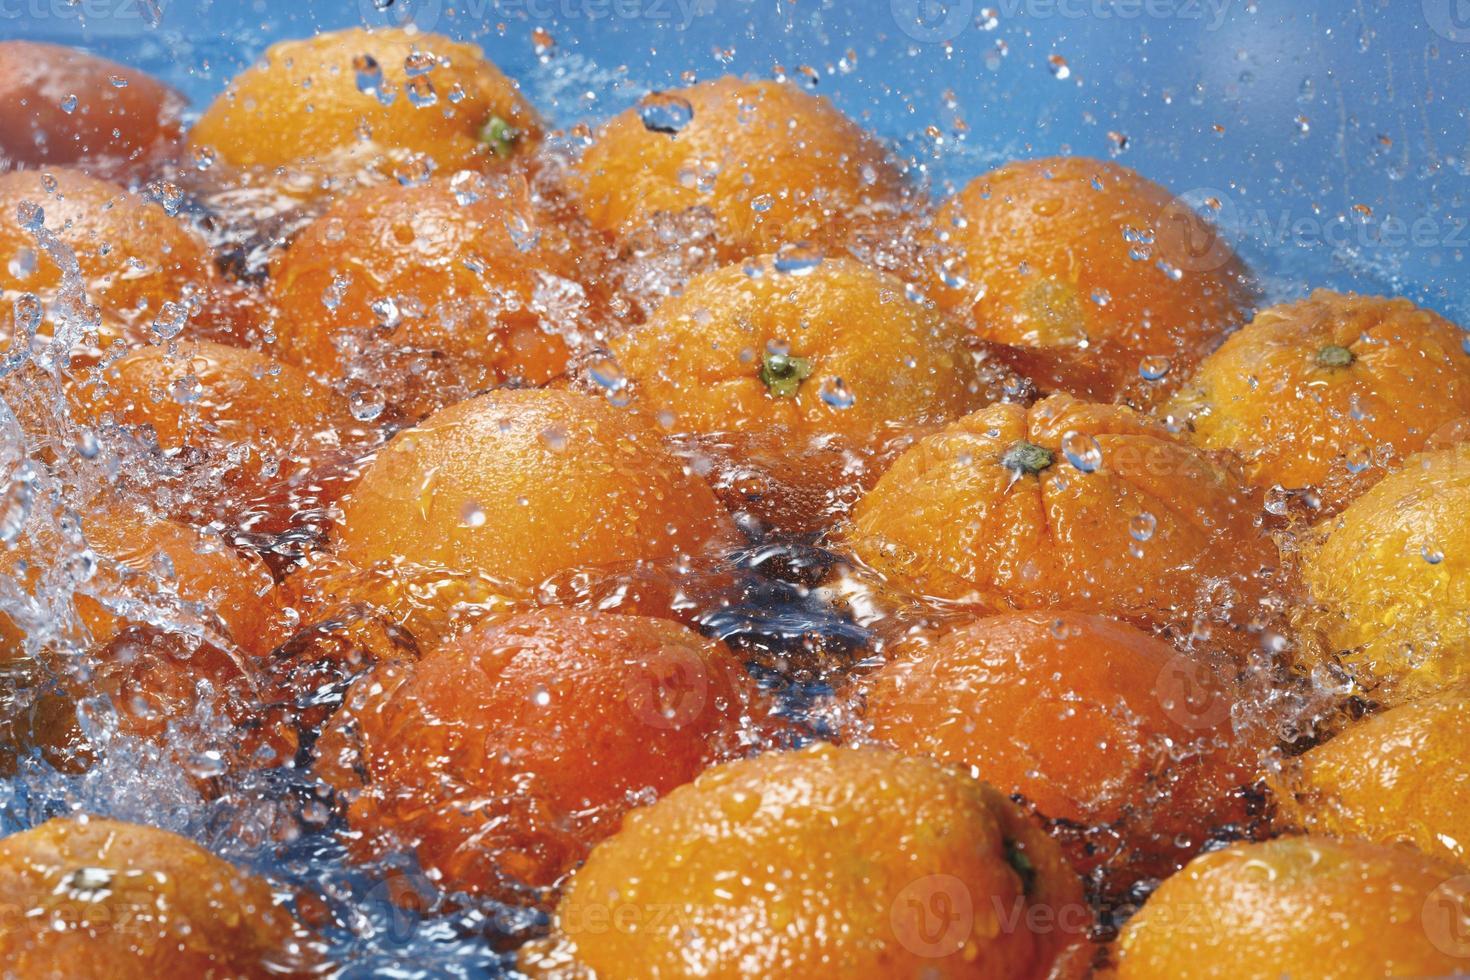 water dat op verse sinaasappelen spettert foto